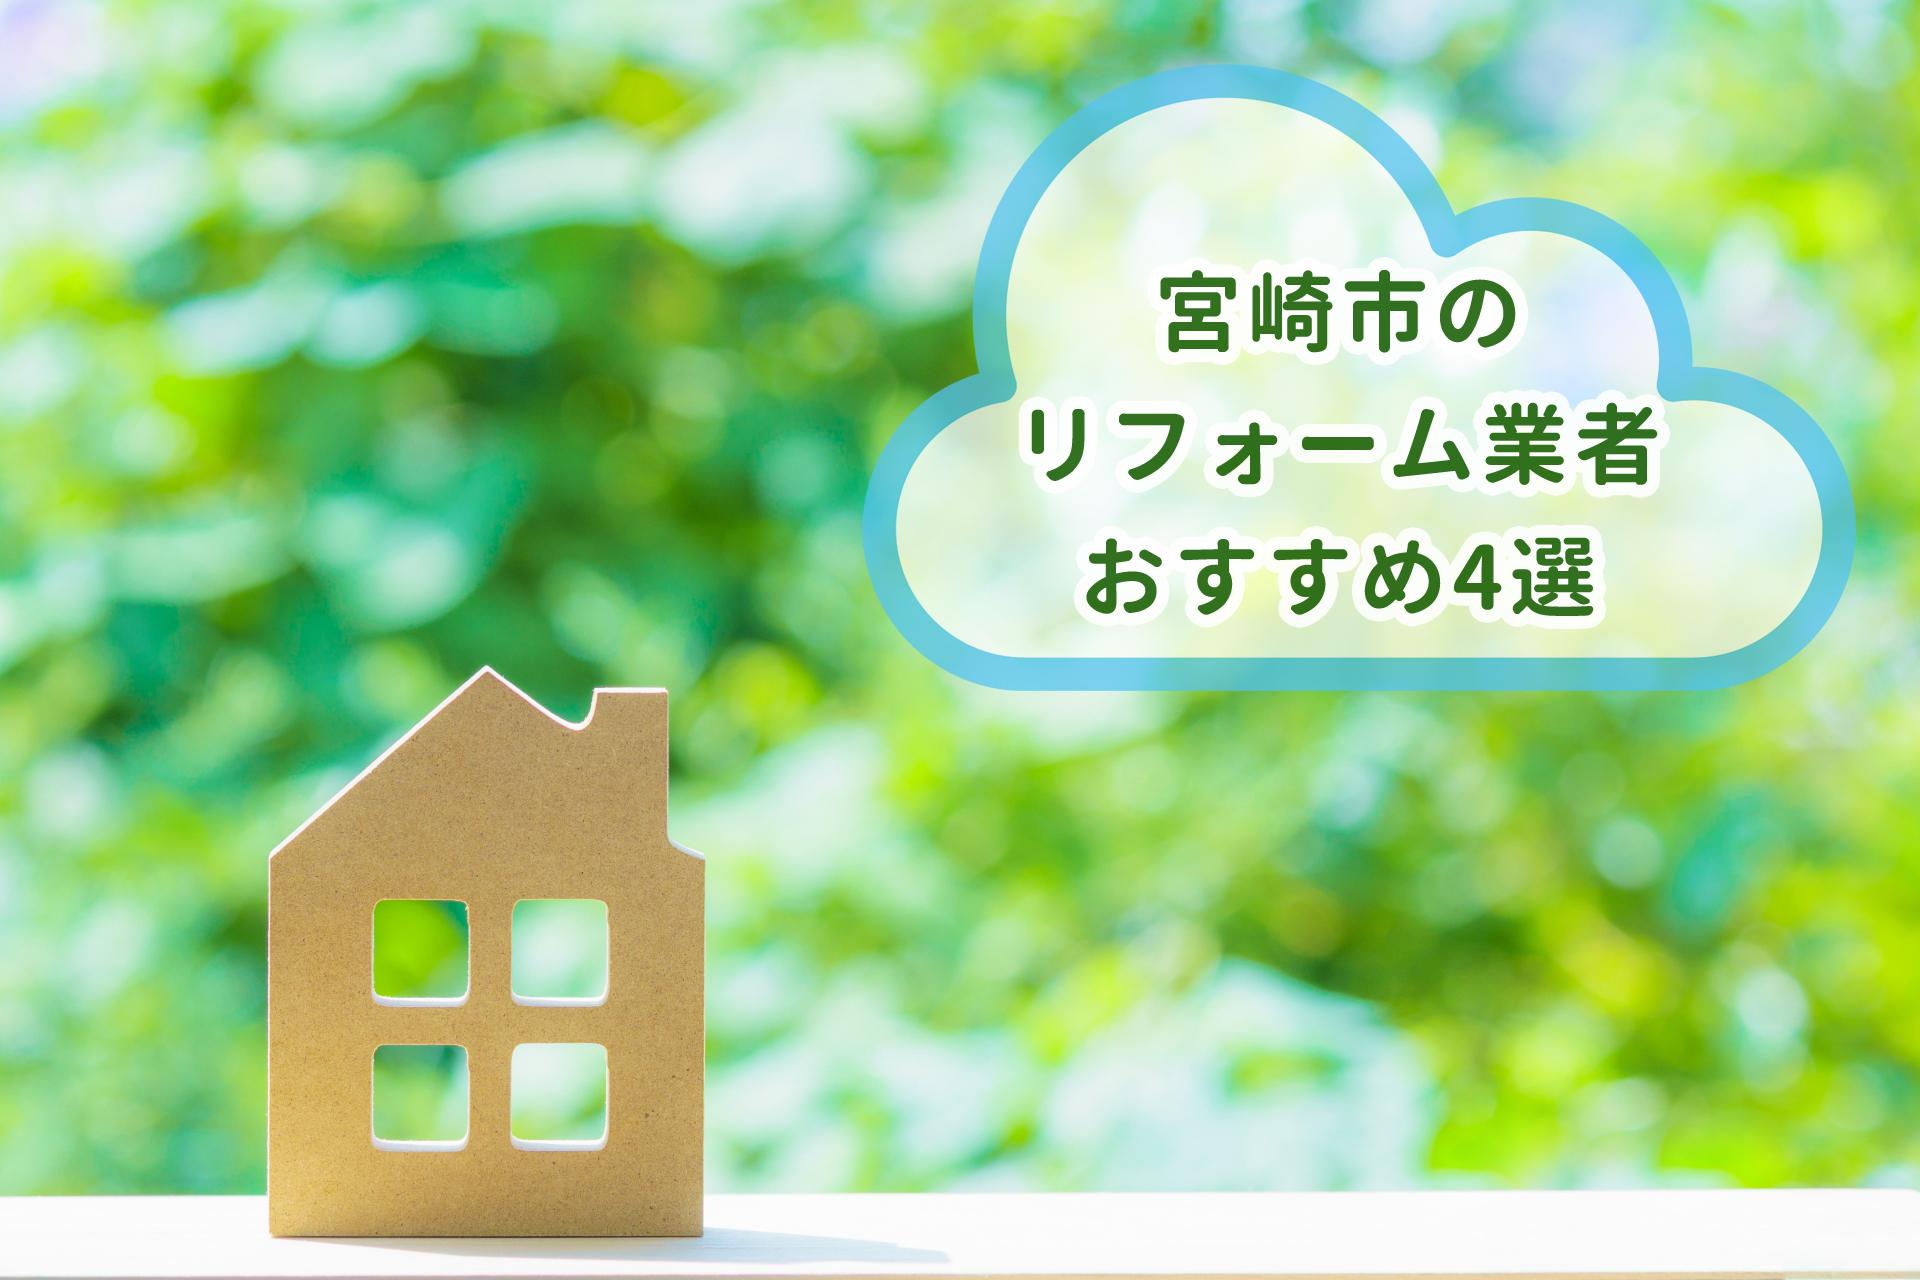 安くて安心!宮崎市のリフォーム業者おすすめ4選